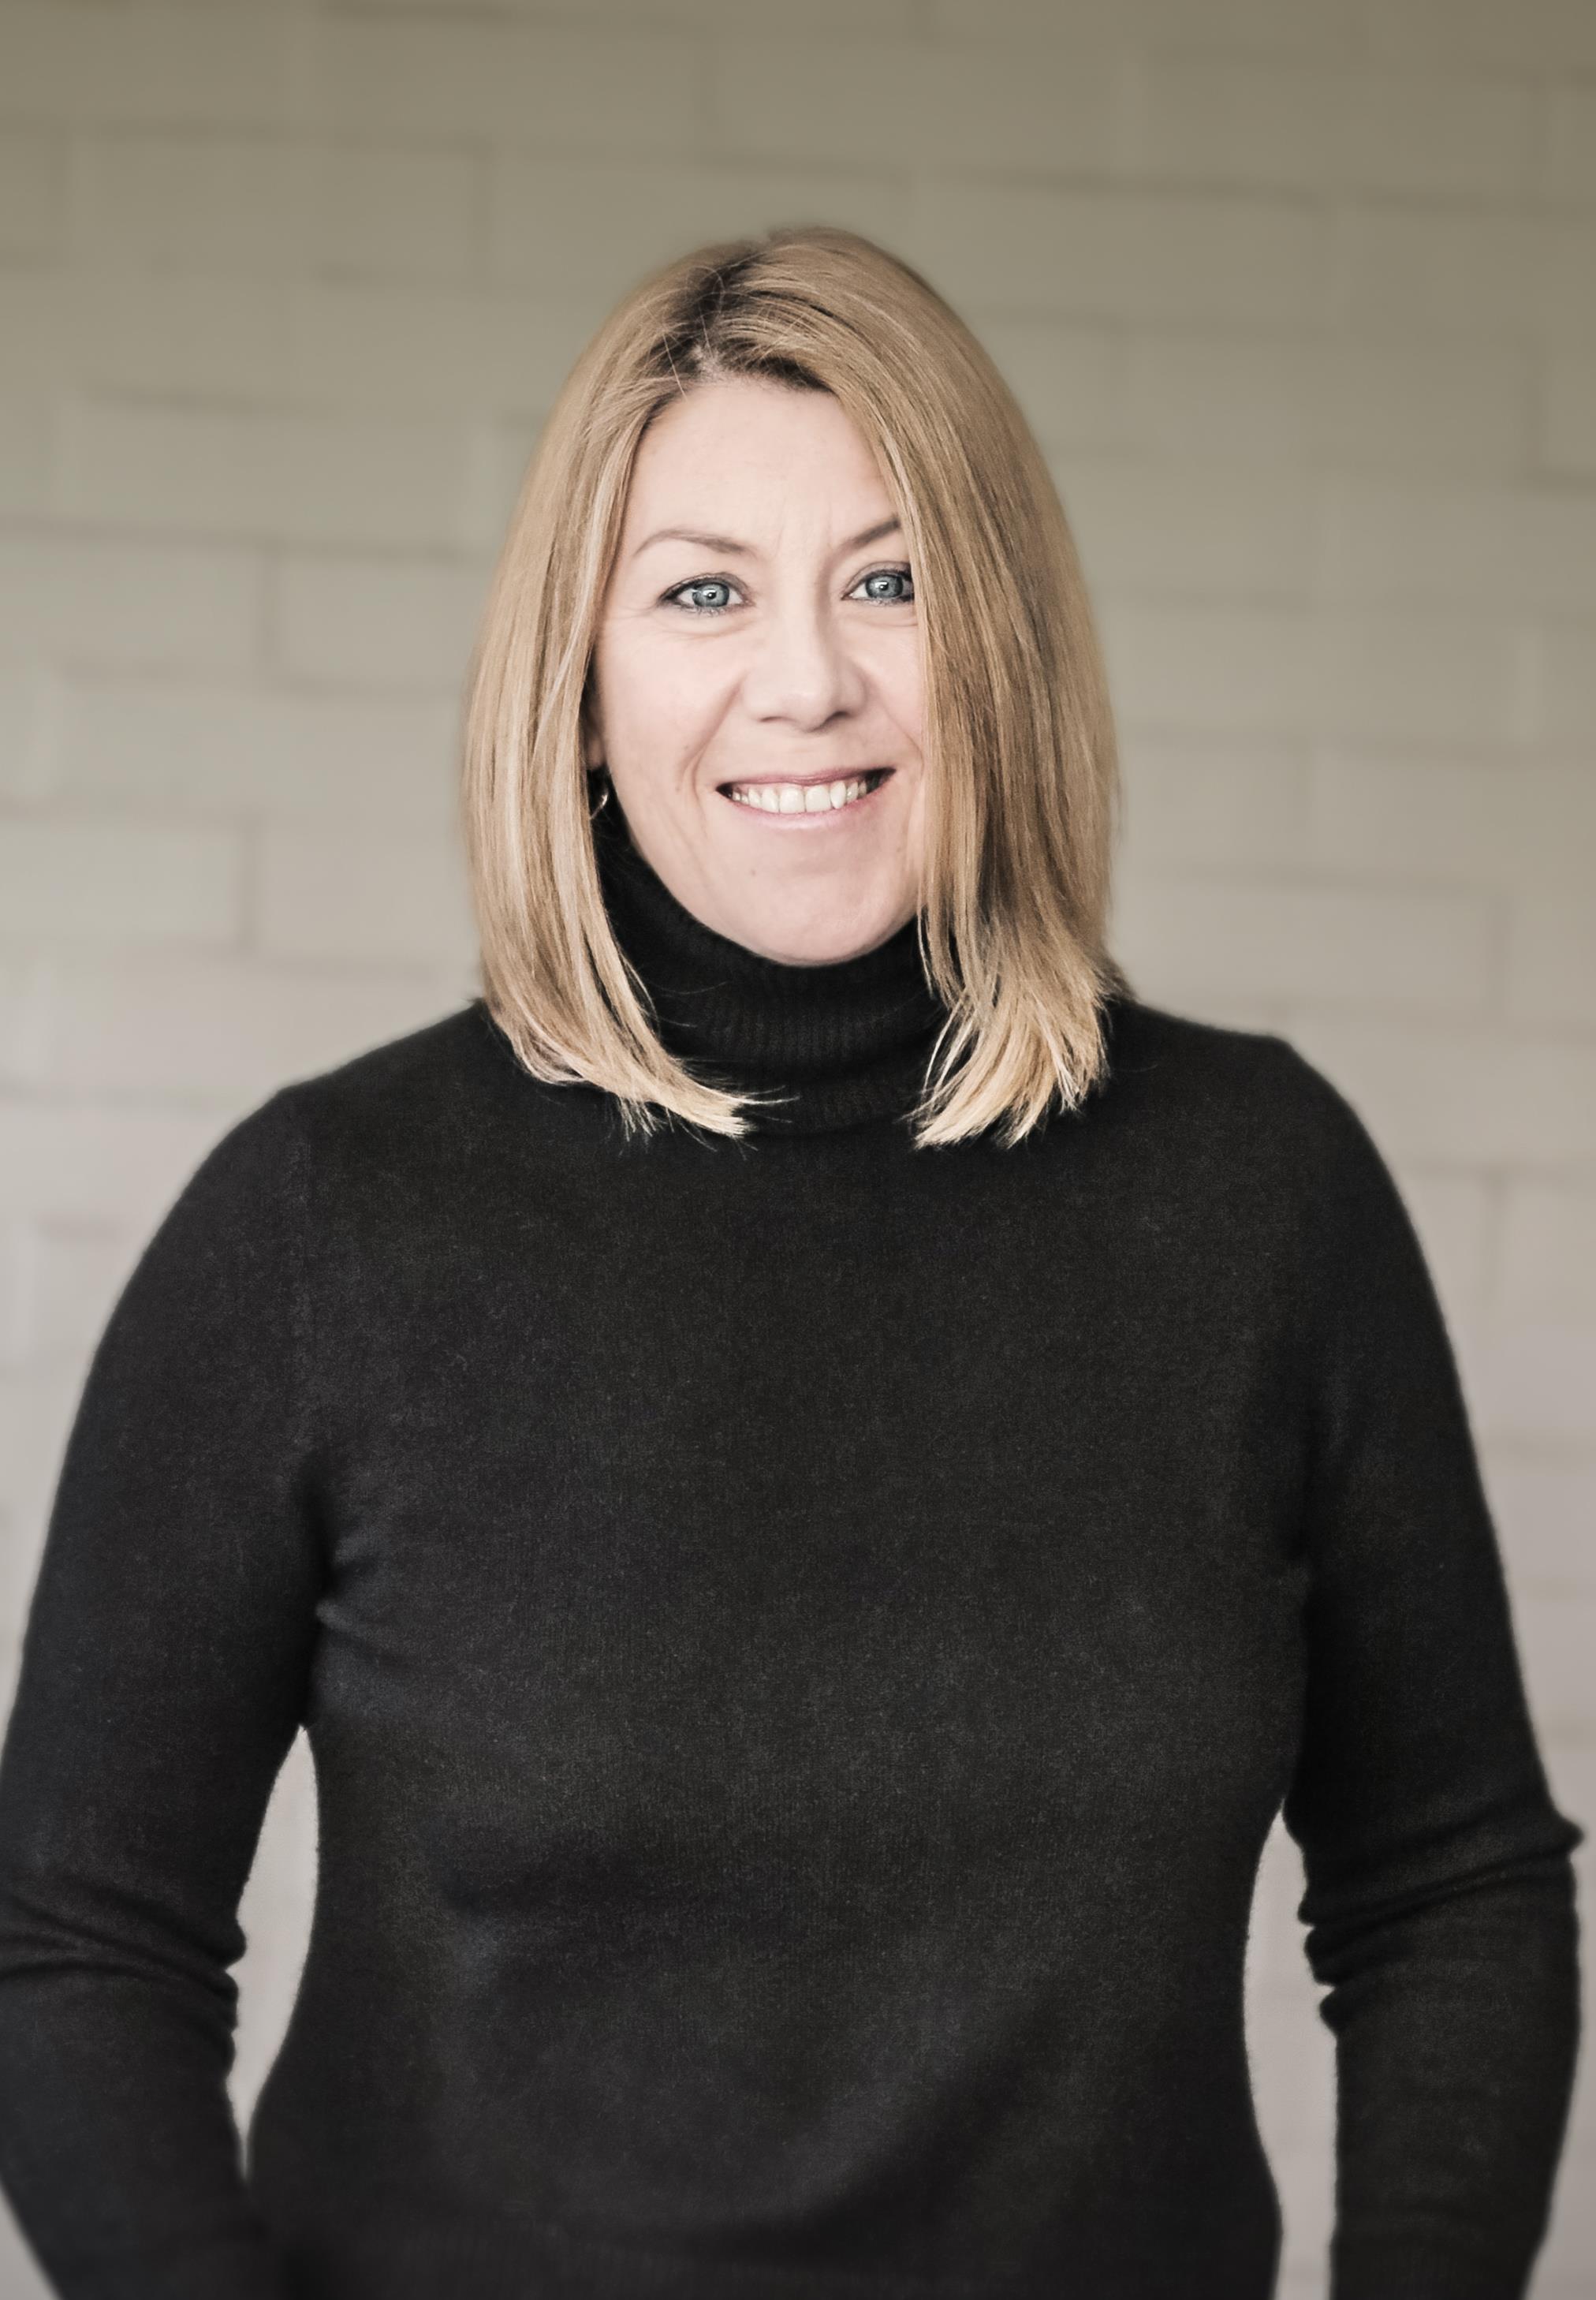 Lori Bartle